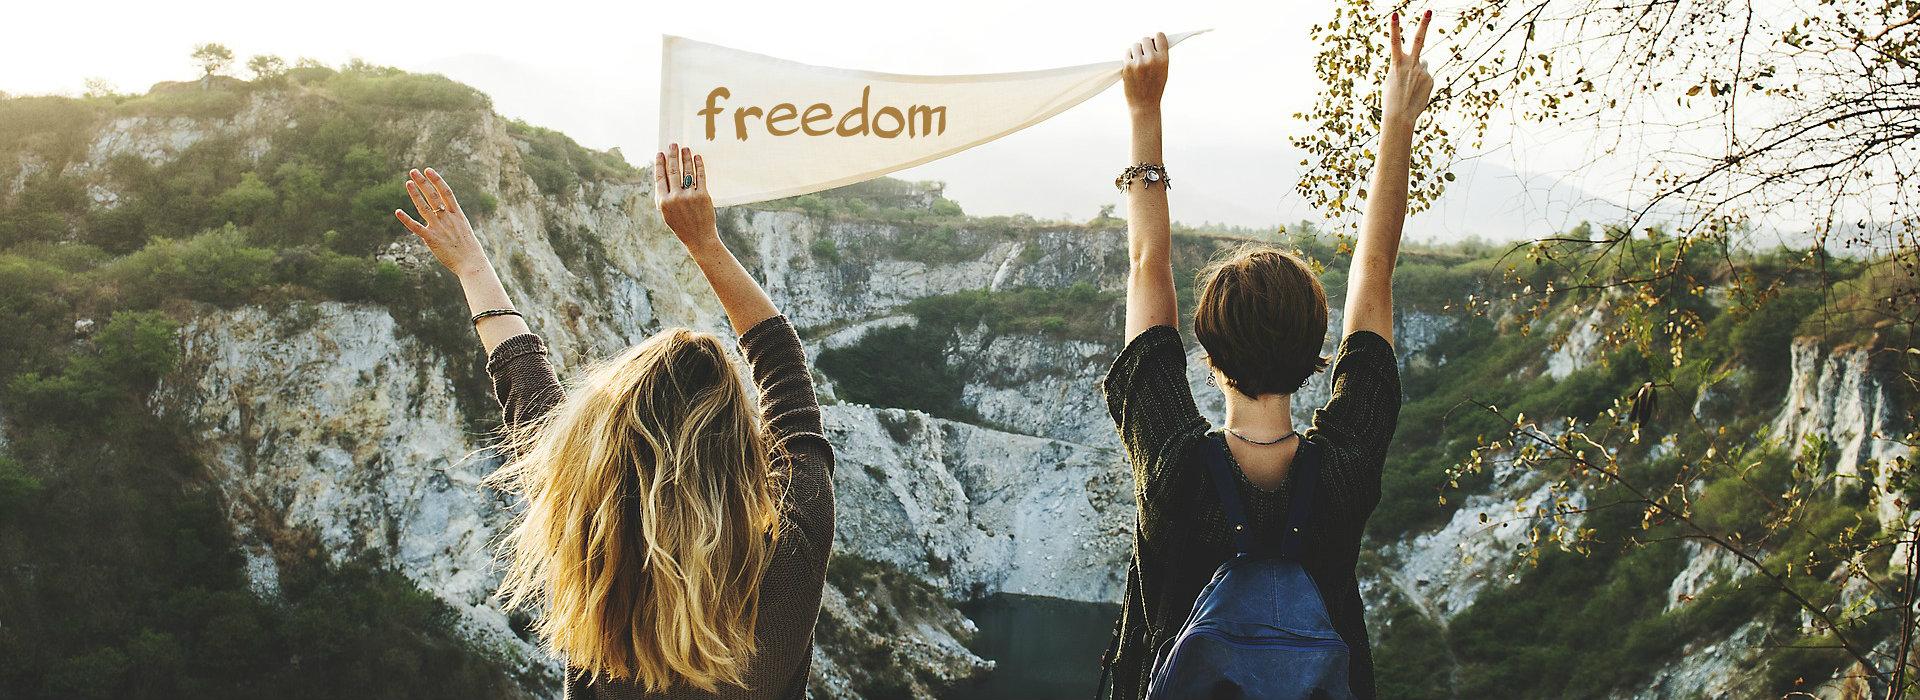 Nosotras en busca de libertad